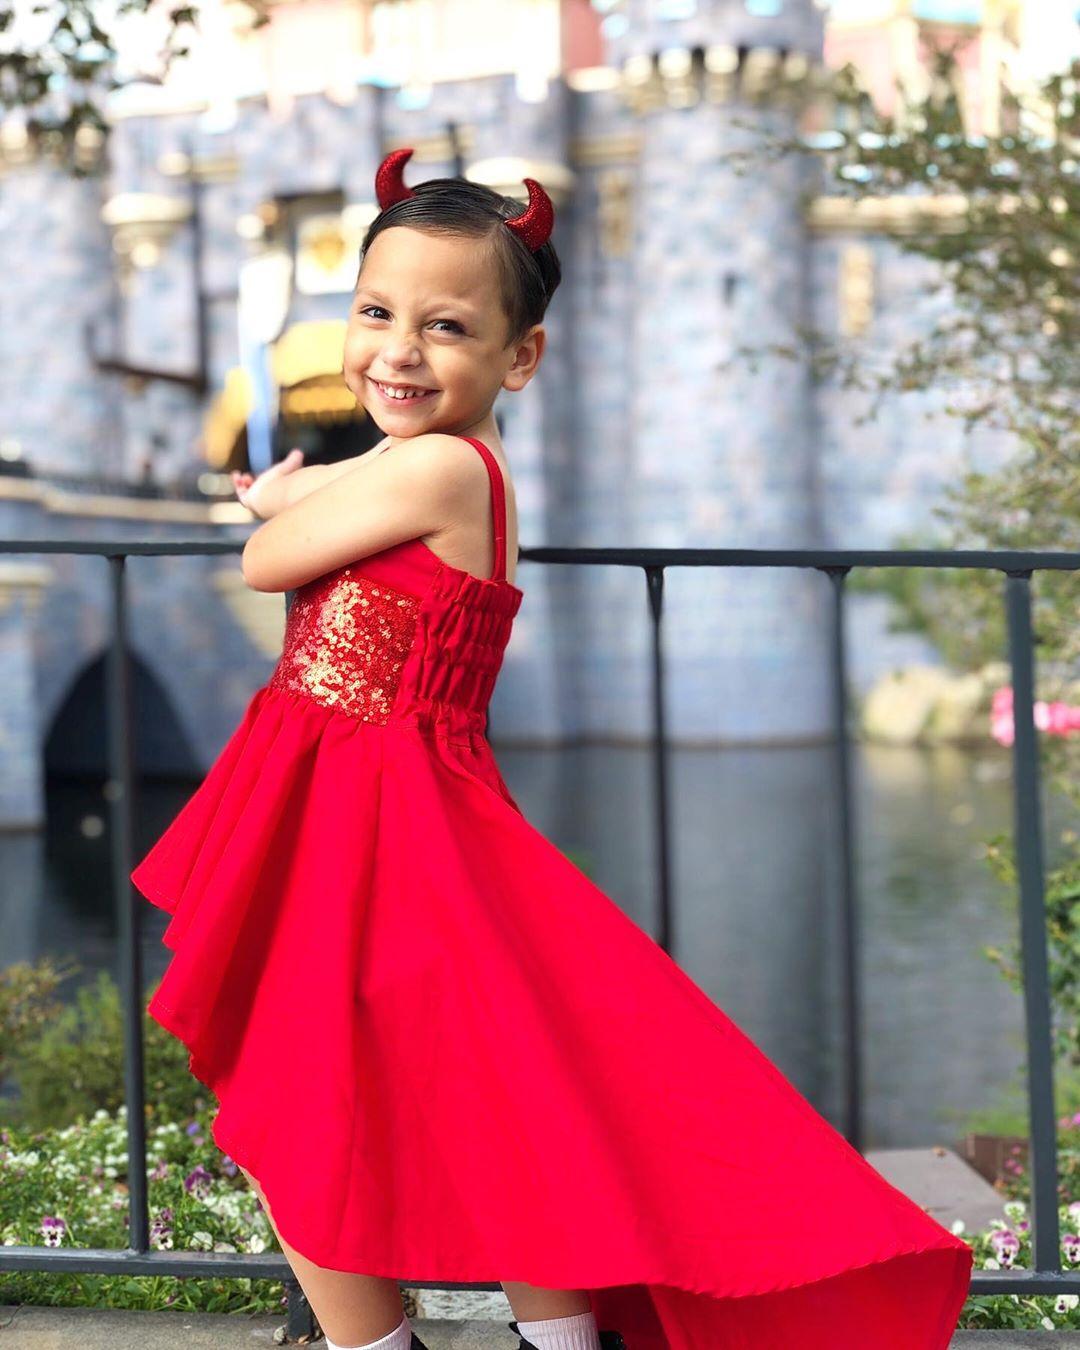 evan-mcleod-vestido-rojo